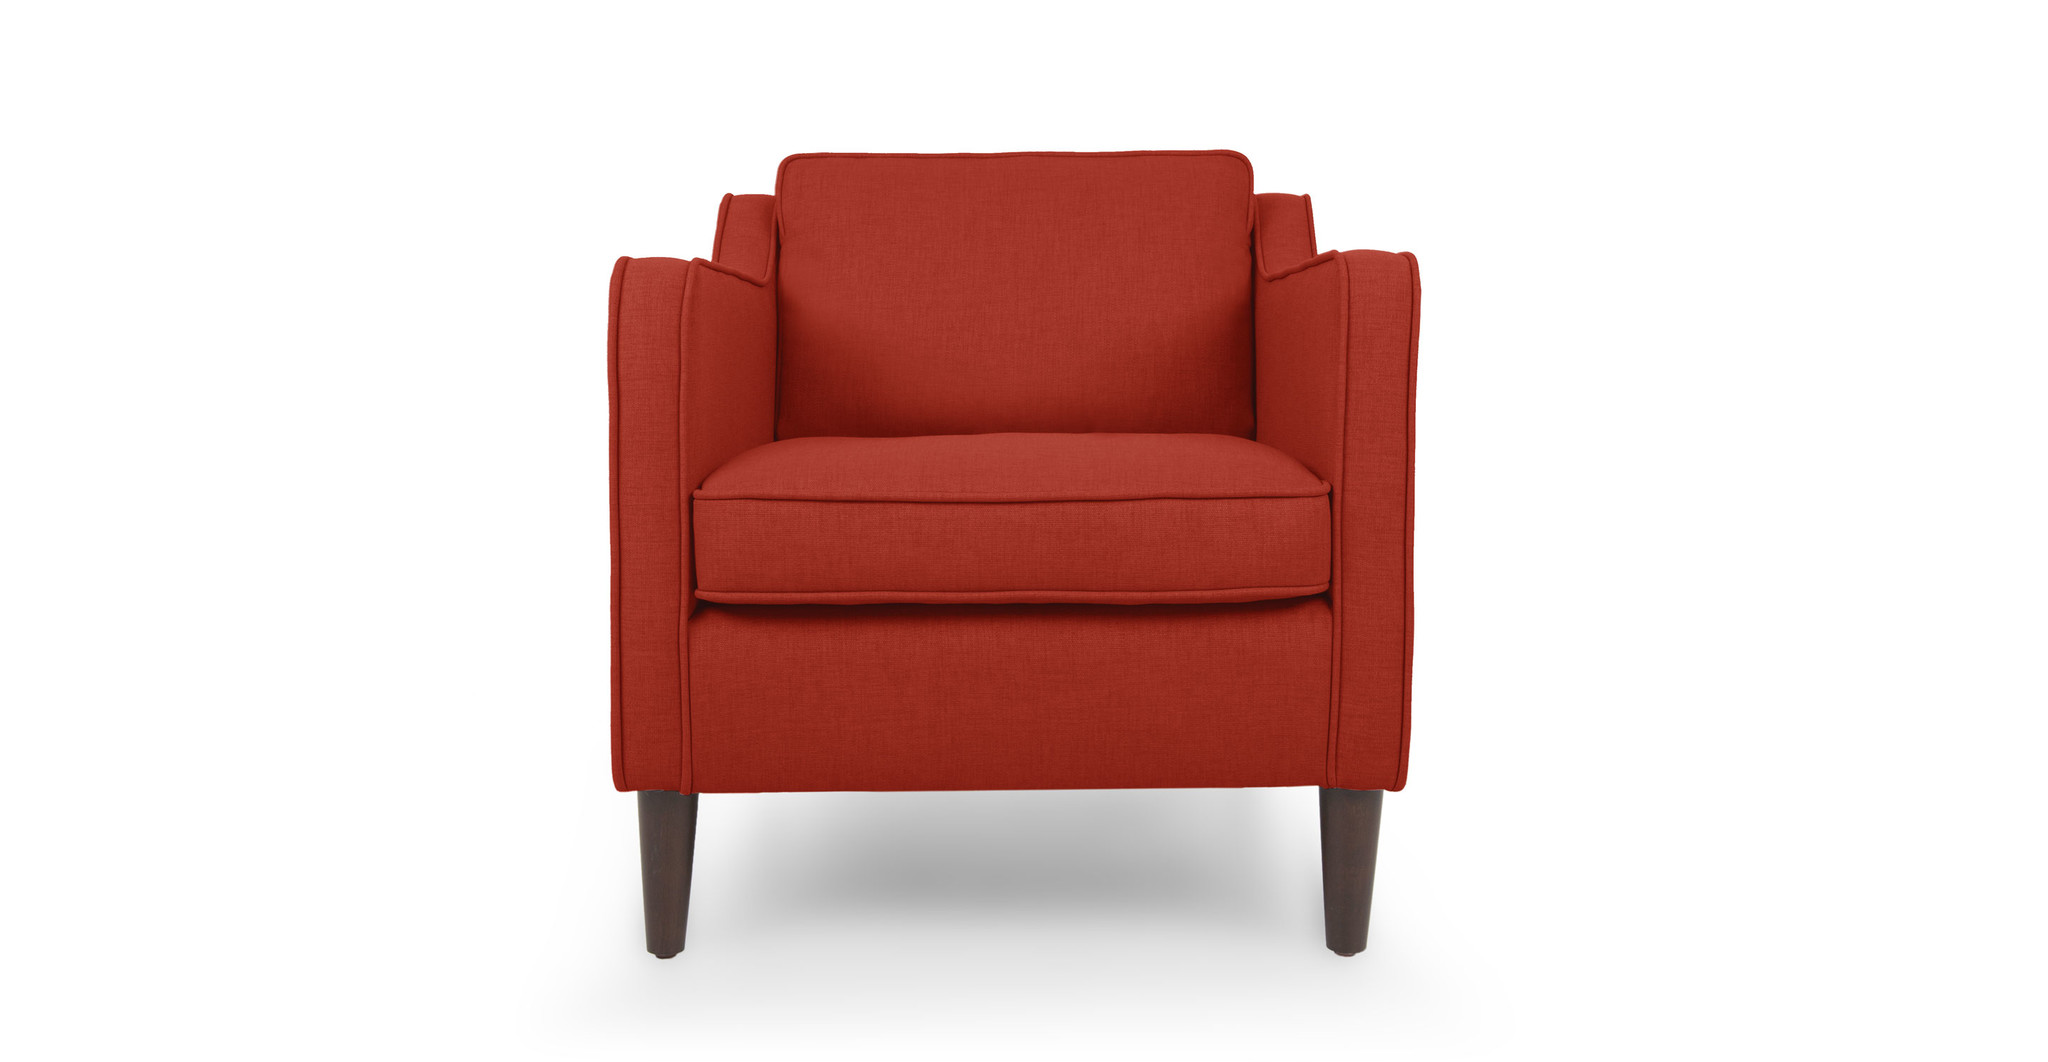 Кресло Грейс REDИнтерьерные кресла<br>&amp;lt;div&amp;gt;Кресло в скандинавском стиле с легкой ноткой ретро ? это практично и очень модно. Сглаженные линии, ни грамма вычурности, натуральные экологичные материалы ? вот суть этой мебели. Обивка и чехол съемной подушки-сиденья сшиты из прочной ткани оттенка грейпфрута. Ножки изготовлены из древесного массива и имеют правильную коническую форму.&amp;lt;/div&amp;gt;<br><br>Material: Текстиль<br>Width см: 75<br>Depth см: 89<br>Height см: 81